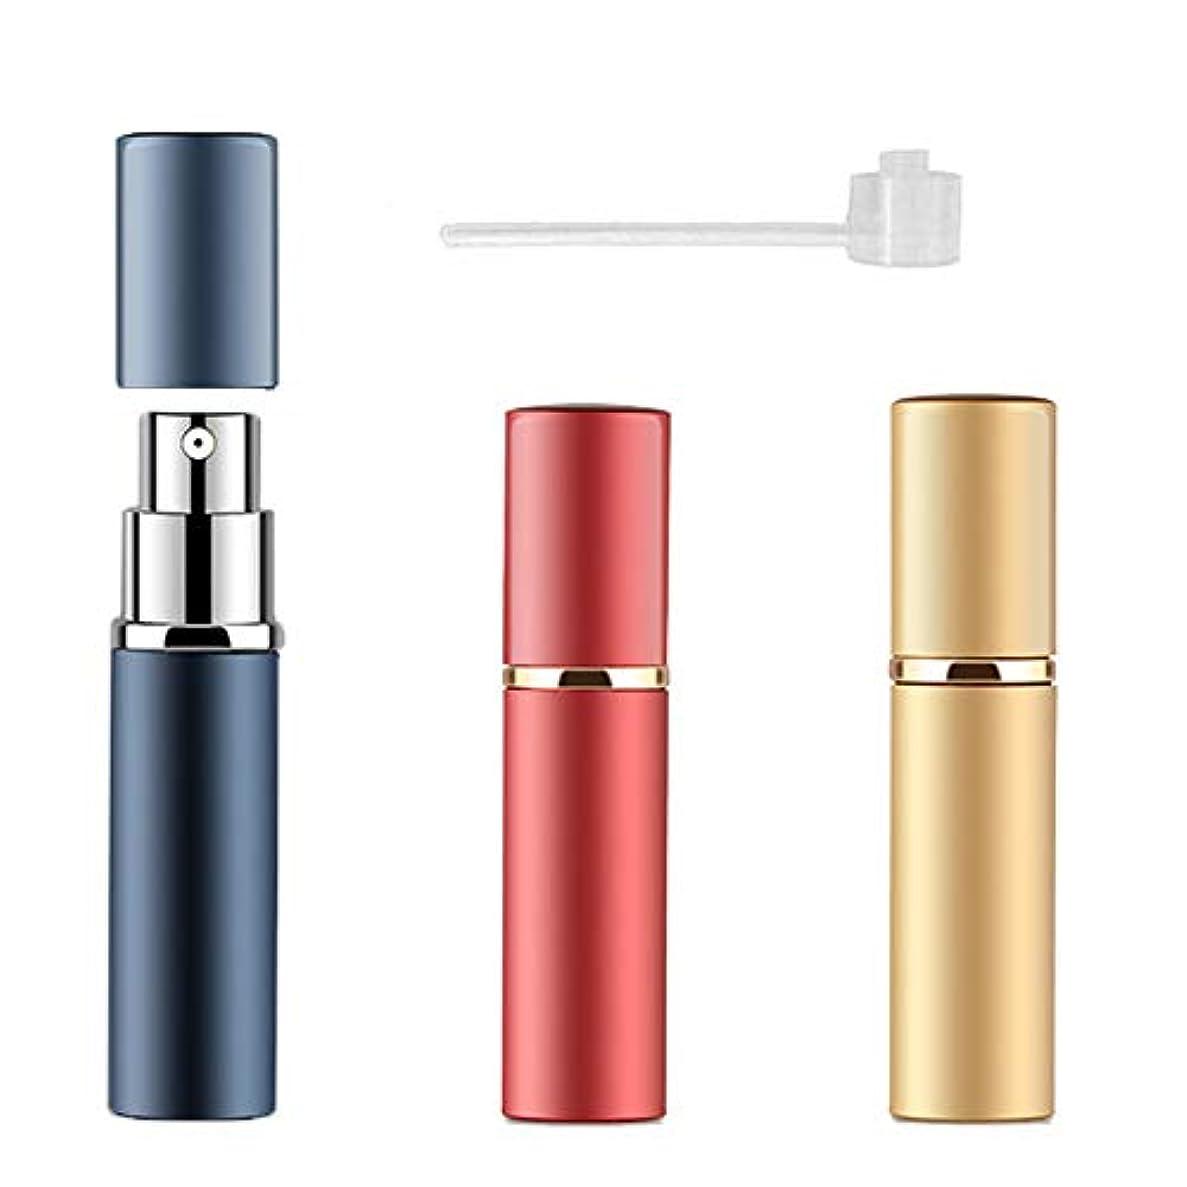 ネコ墓数学アトマイザー 香水 詰め替え容器 スプレーボトル 小分けボトル トラベルボトル 旅行携帯便利 (3色セット)